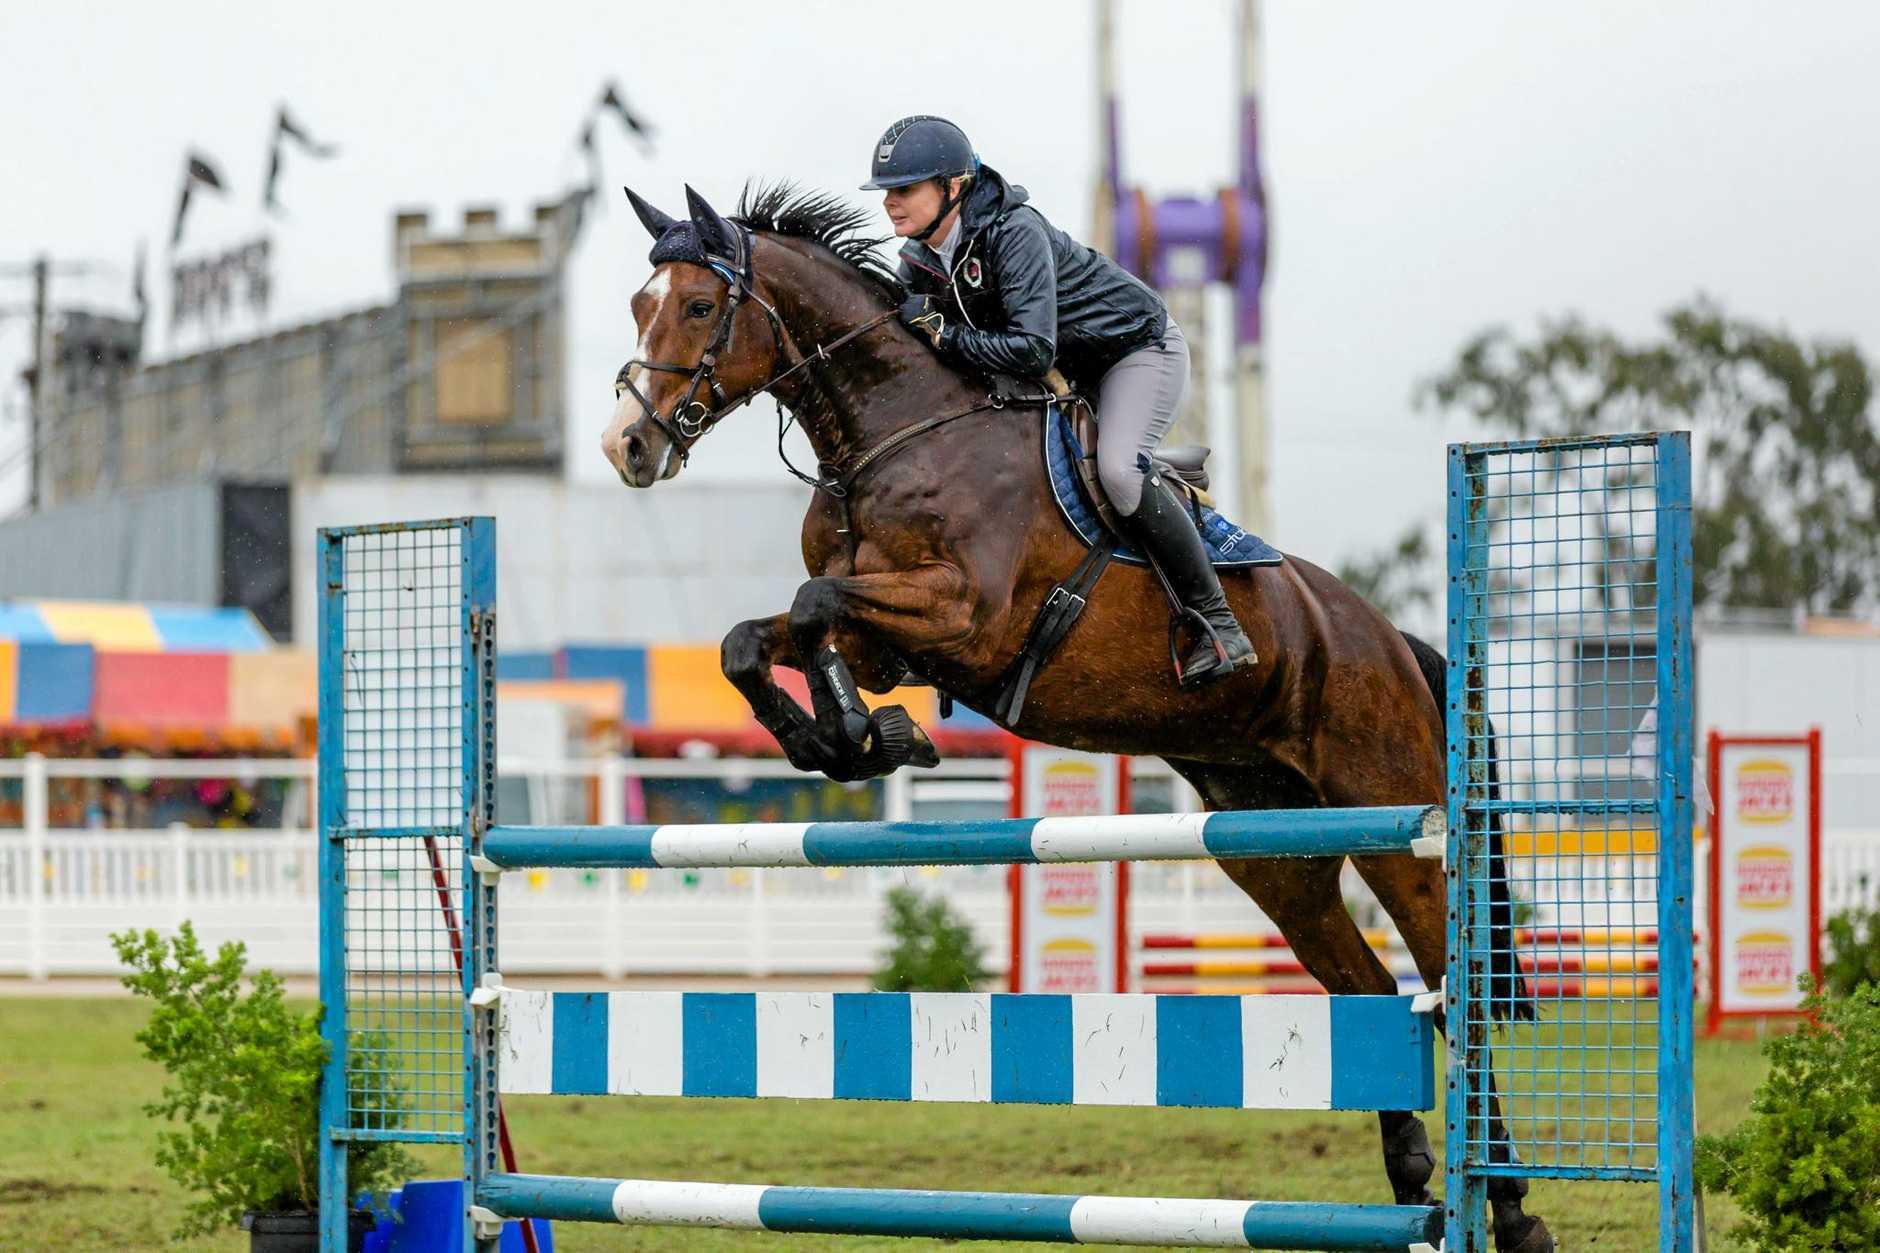 Show Jumping - Gemma Creighton on It's Silkridge